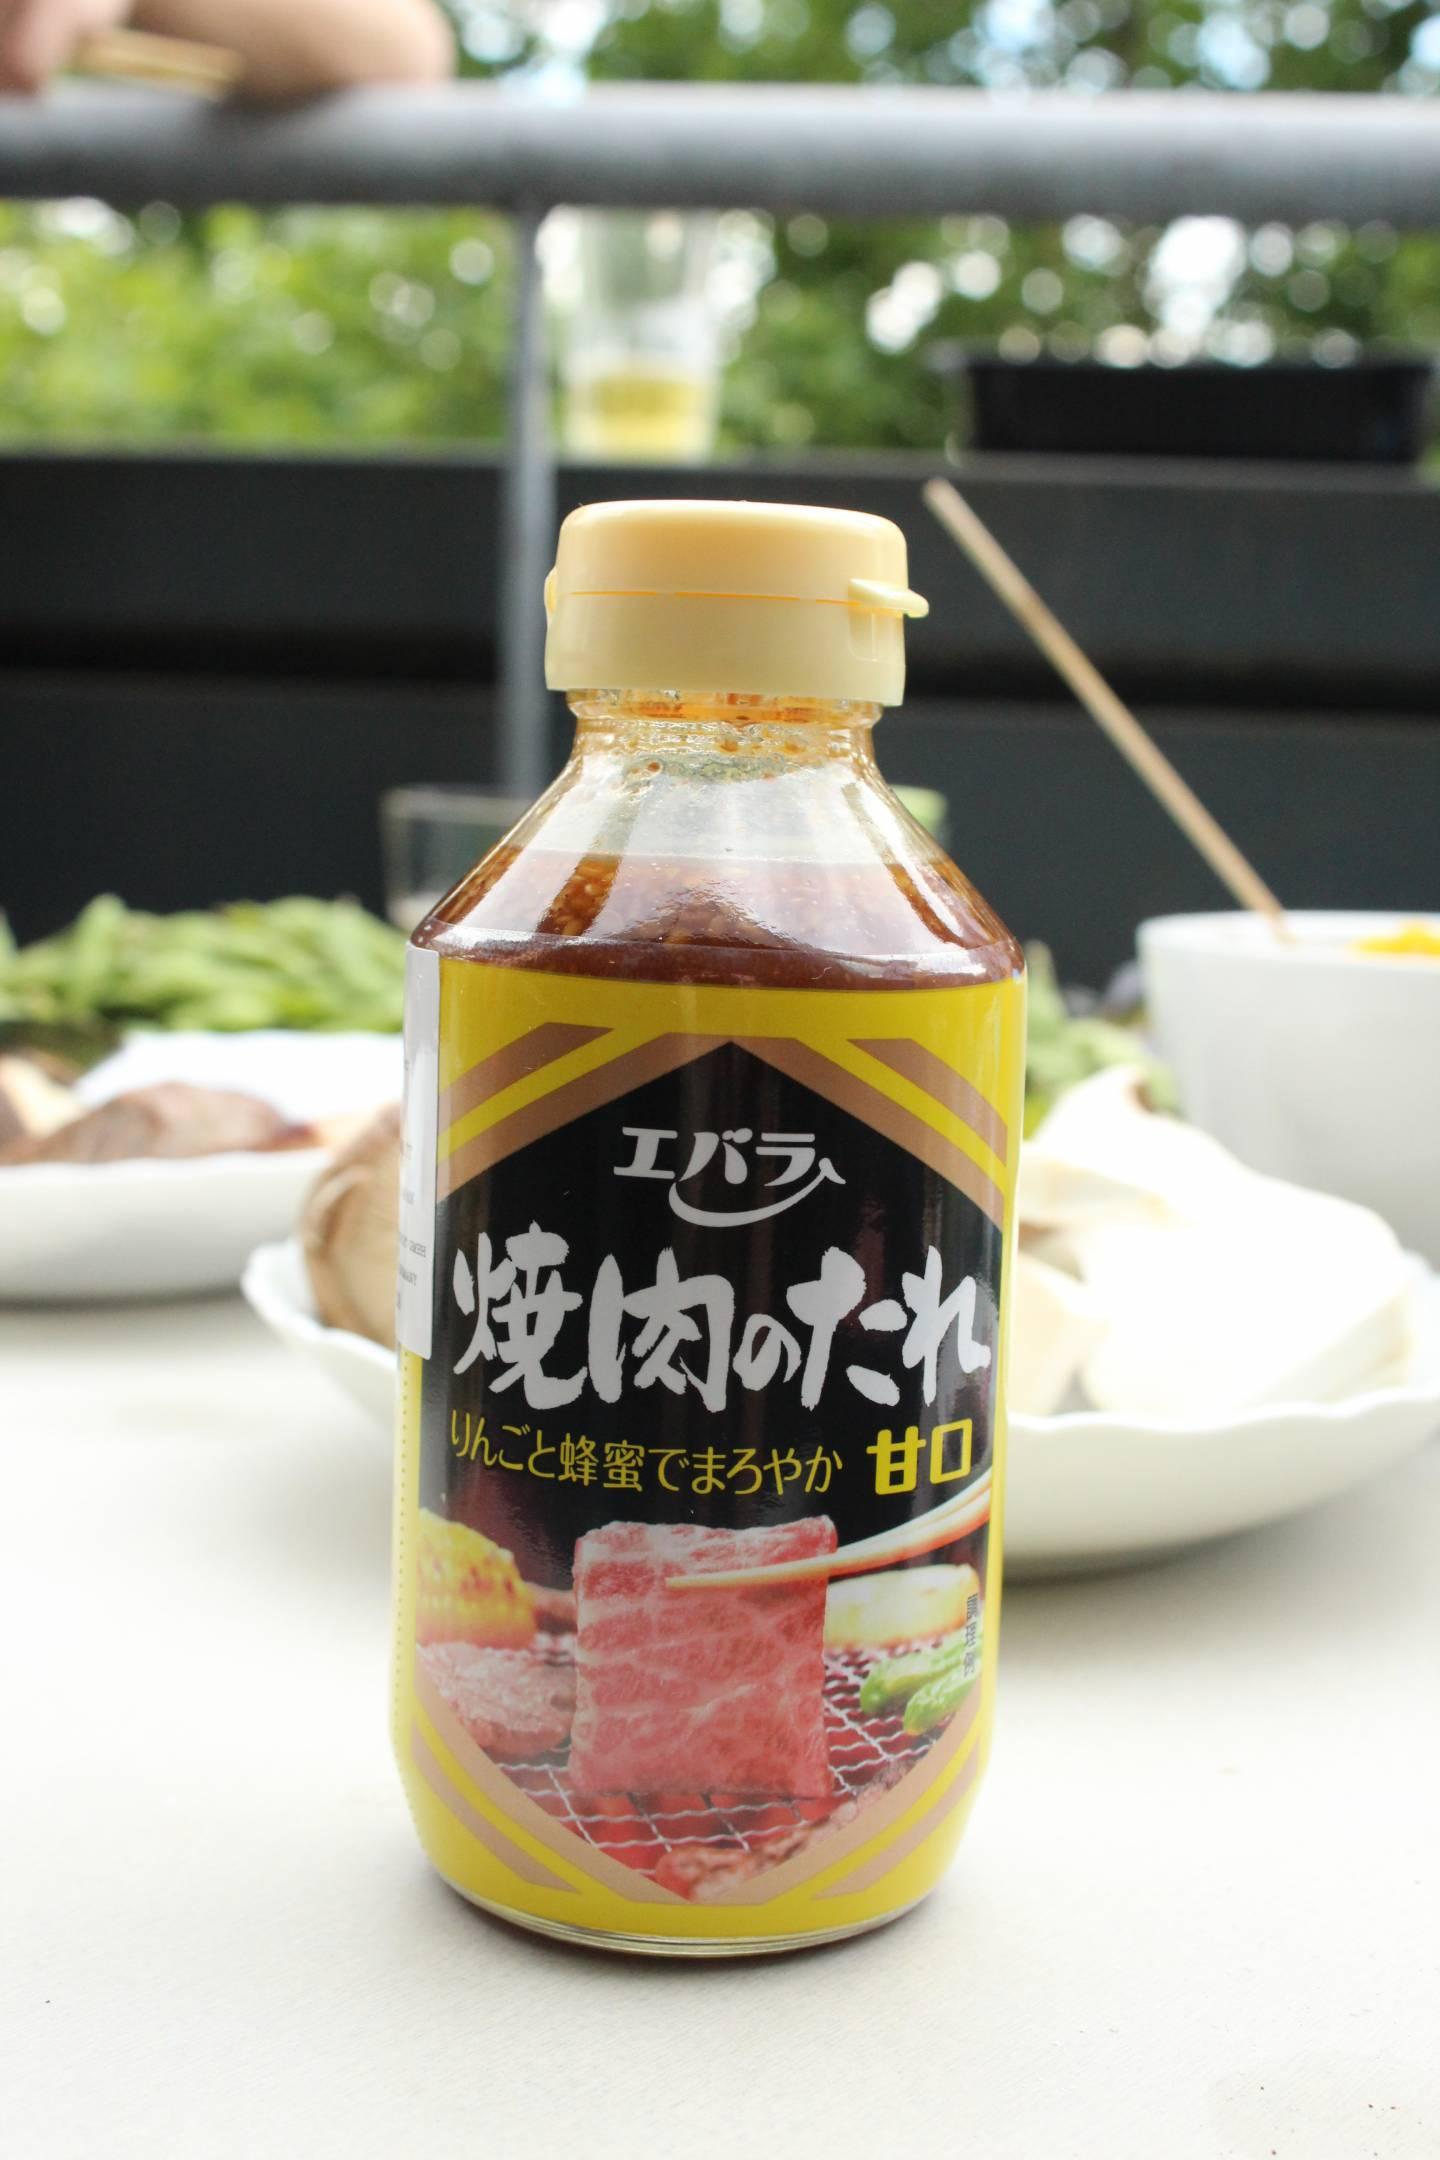 yakiniku sauce